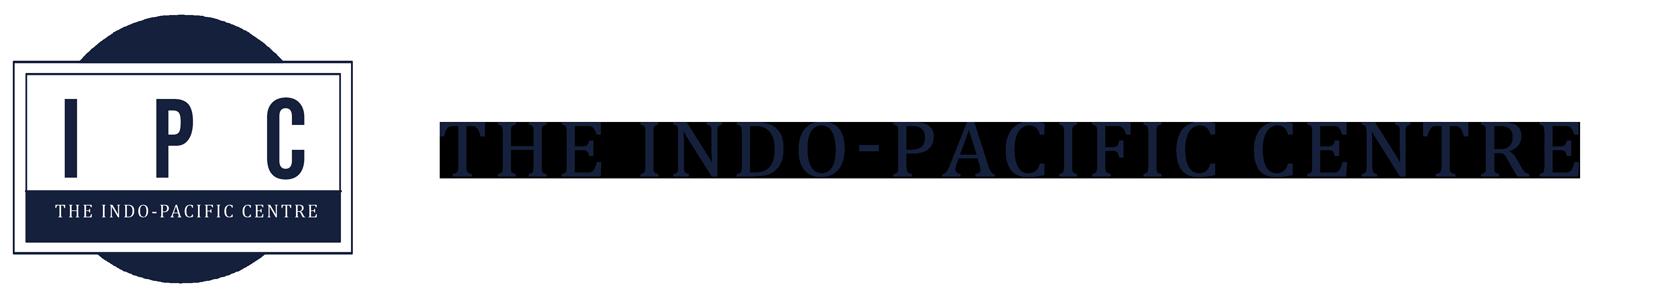 Indo-Pacific Centre